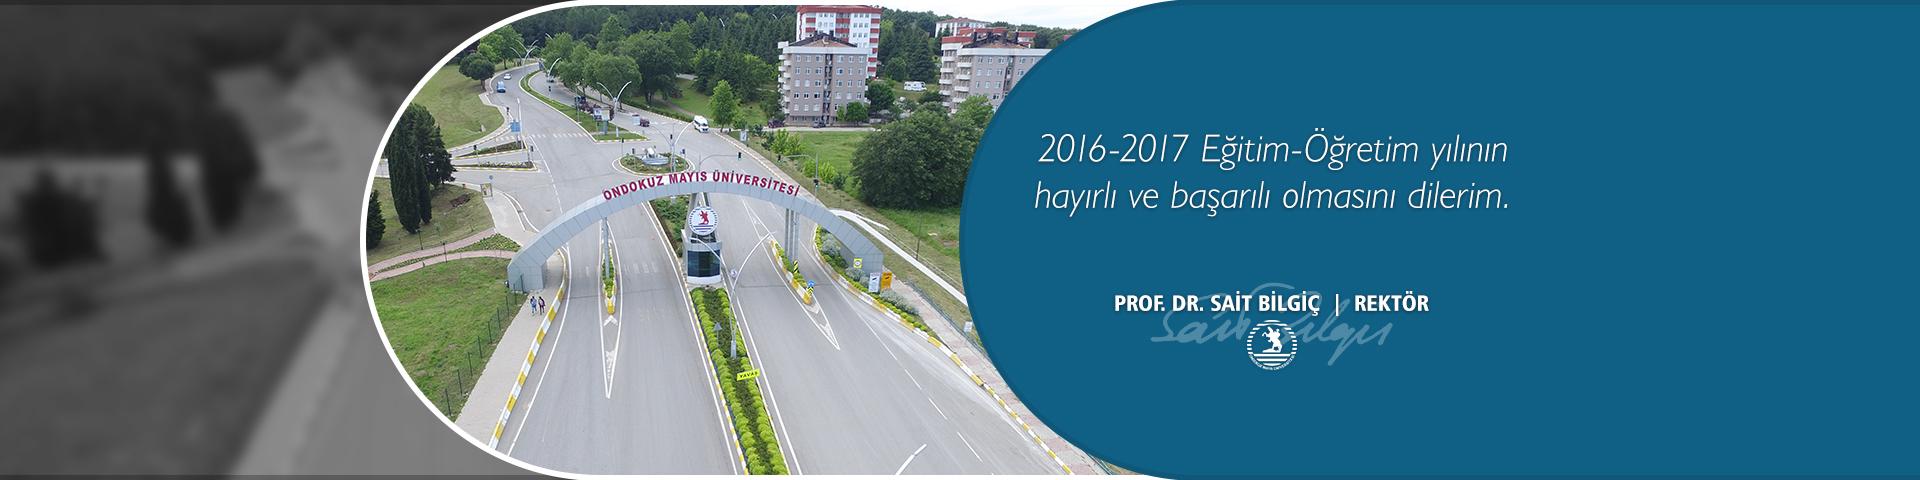 2016-2017 Eğitim Öğretim Yılı Mesajı